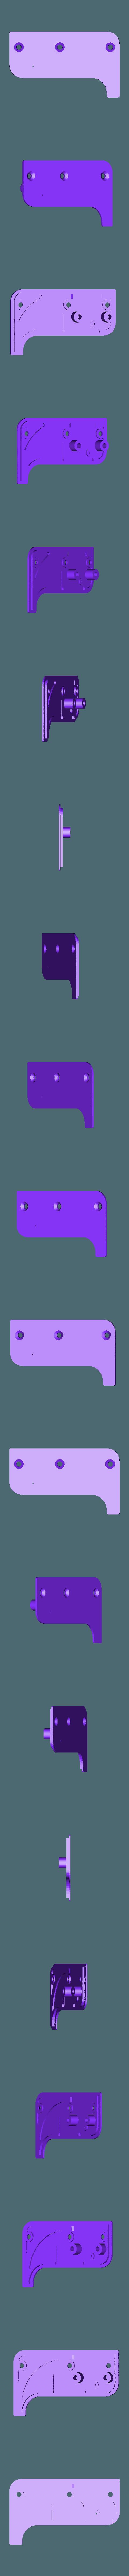 Case_Cover.STL Télécharger fichier STL gratuit Capteur de faux-rond du filament • Plan imprimable en 3D, perinski